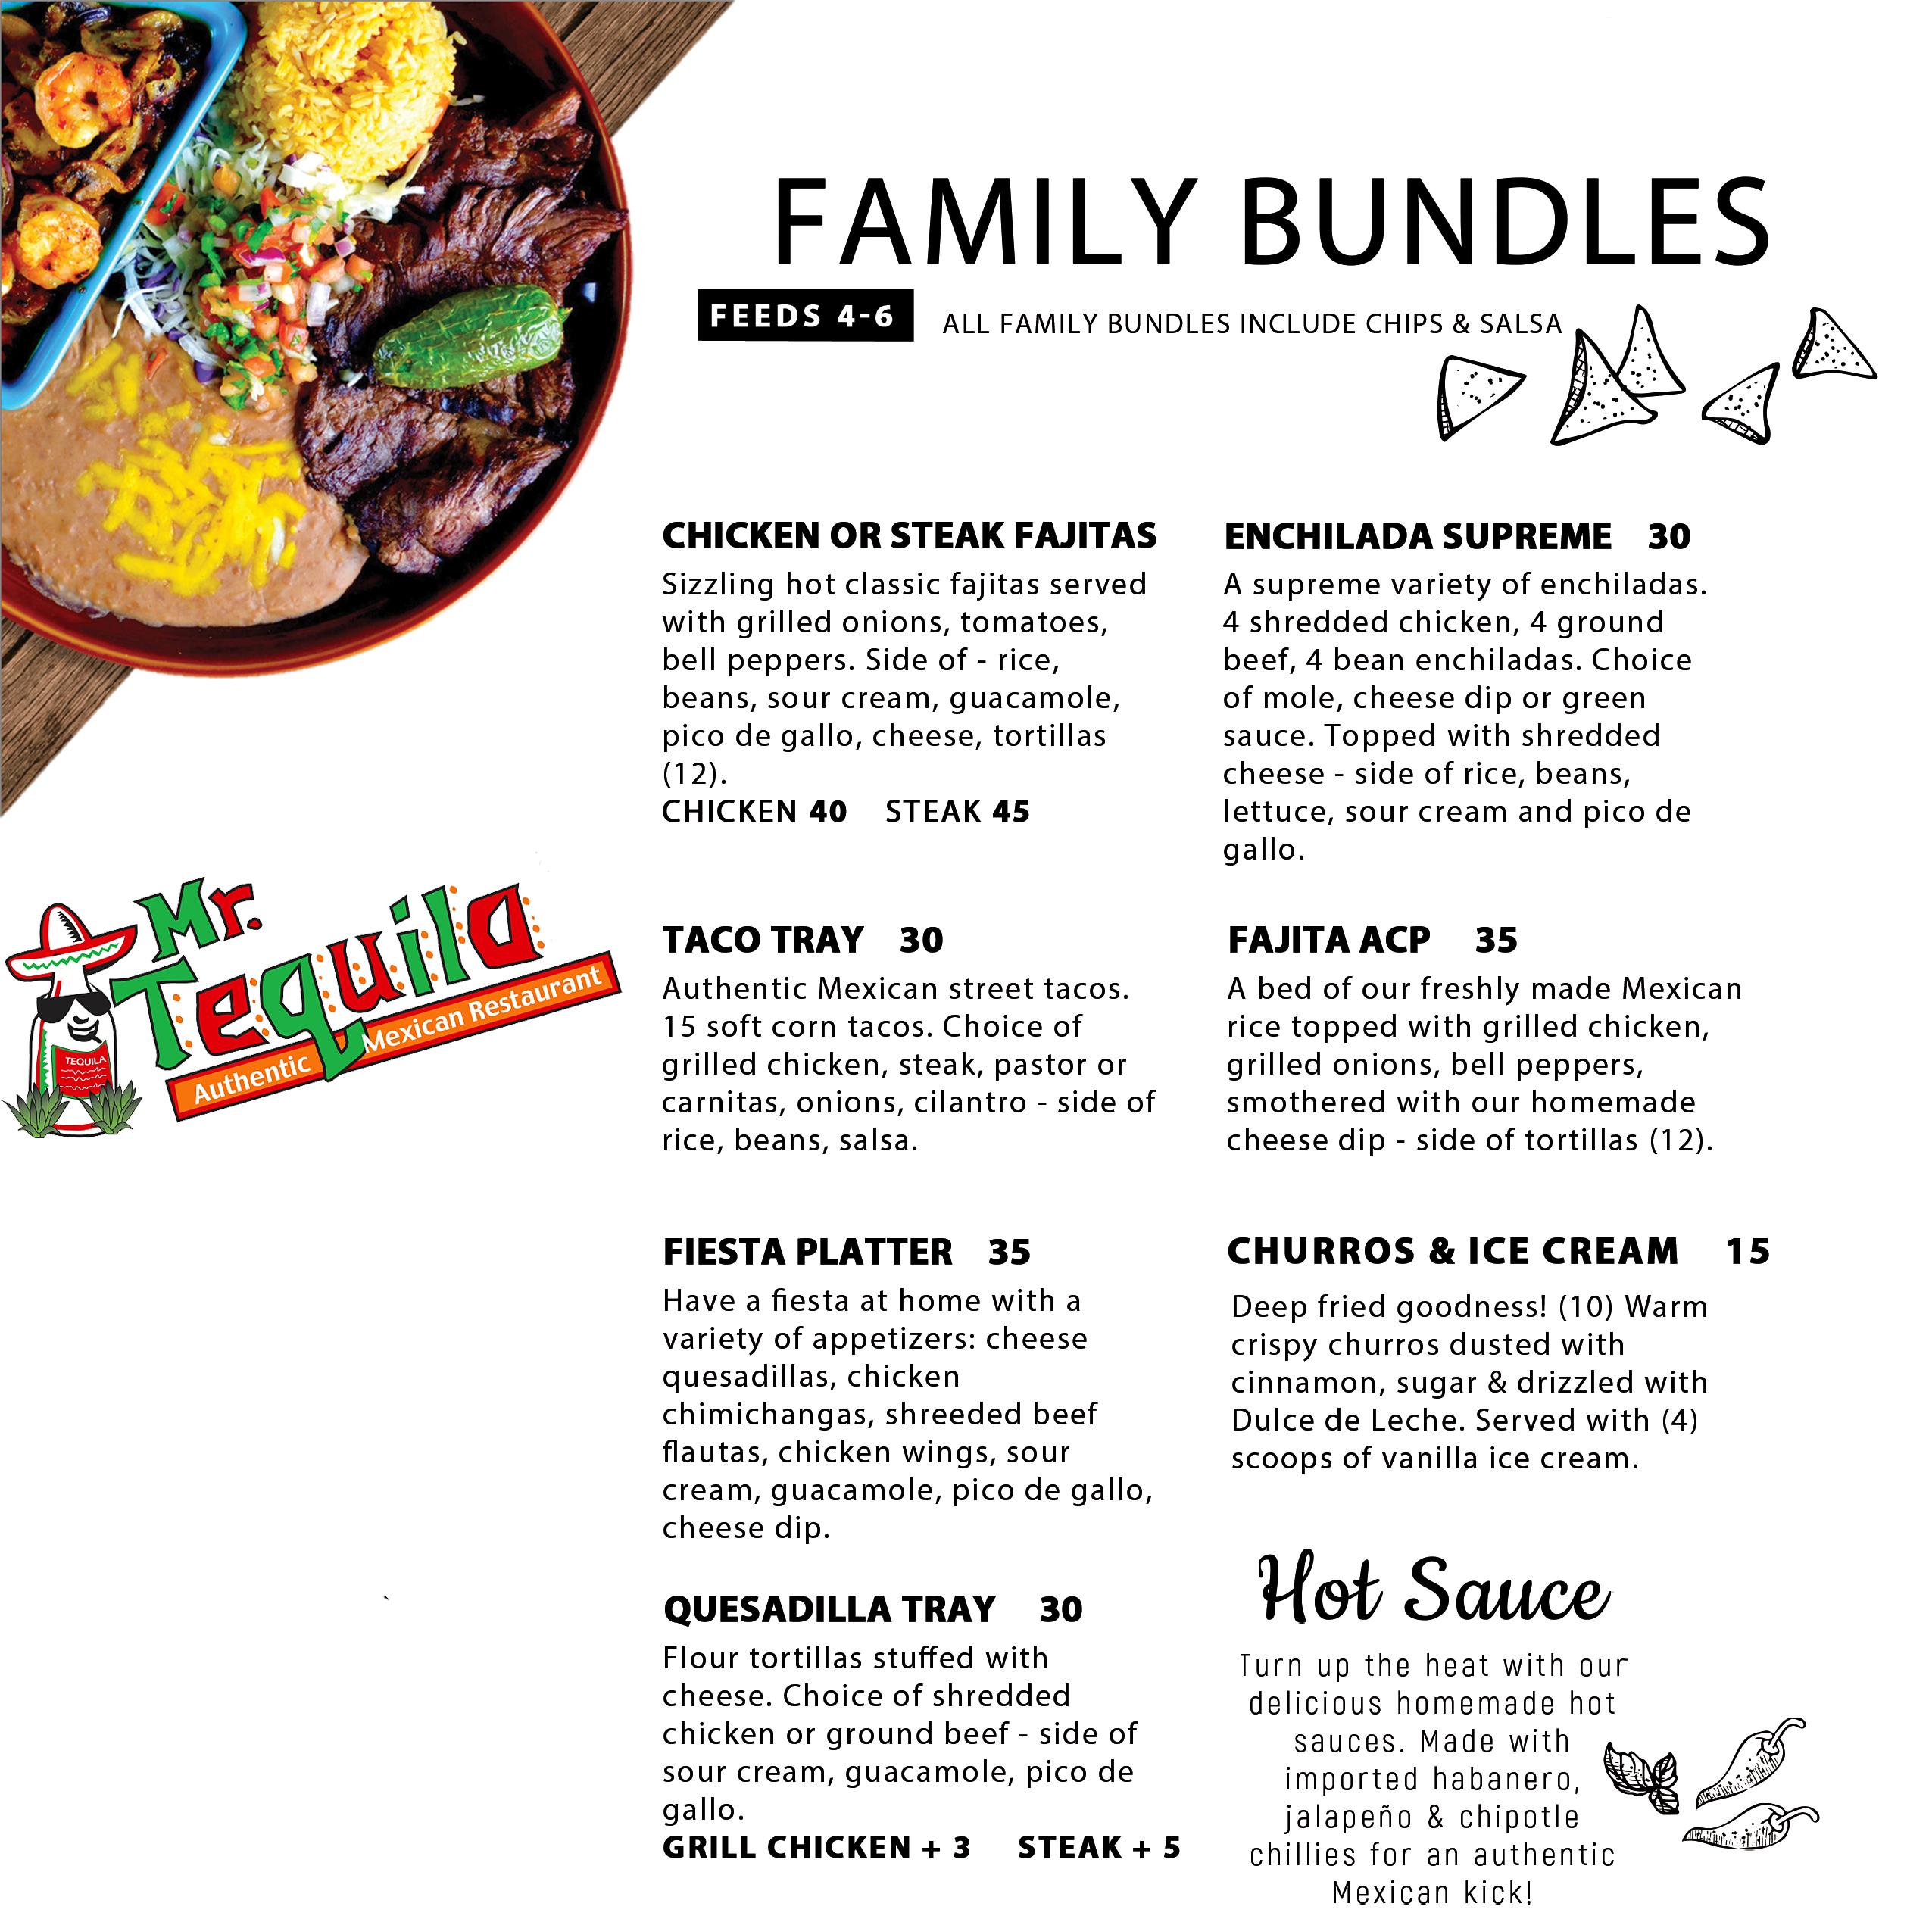 Mr. Tequila Authentic Restaurant Family Bundle Menu